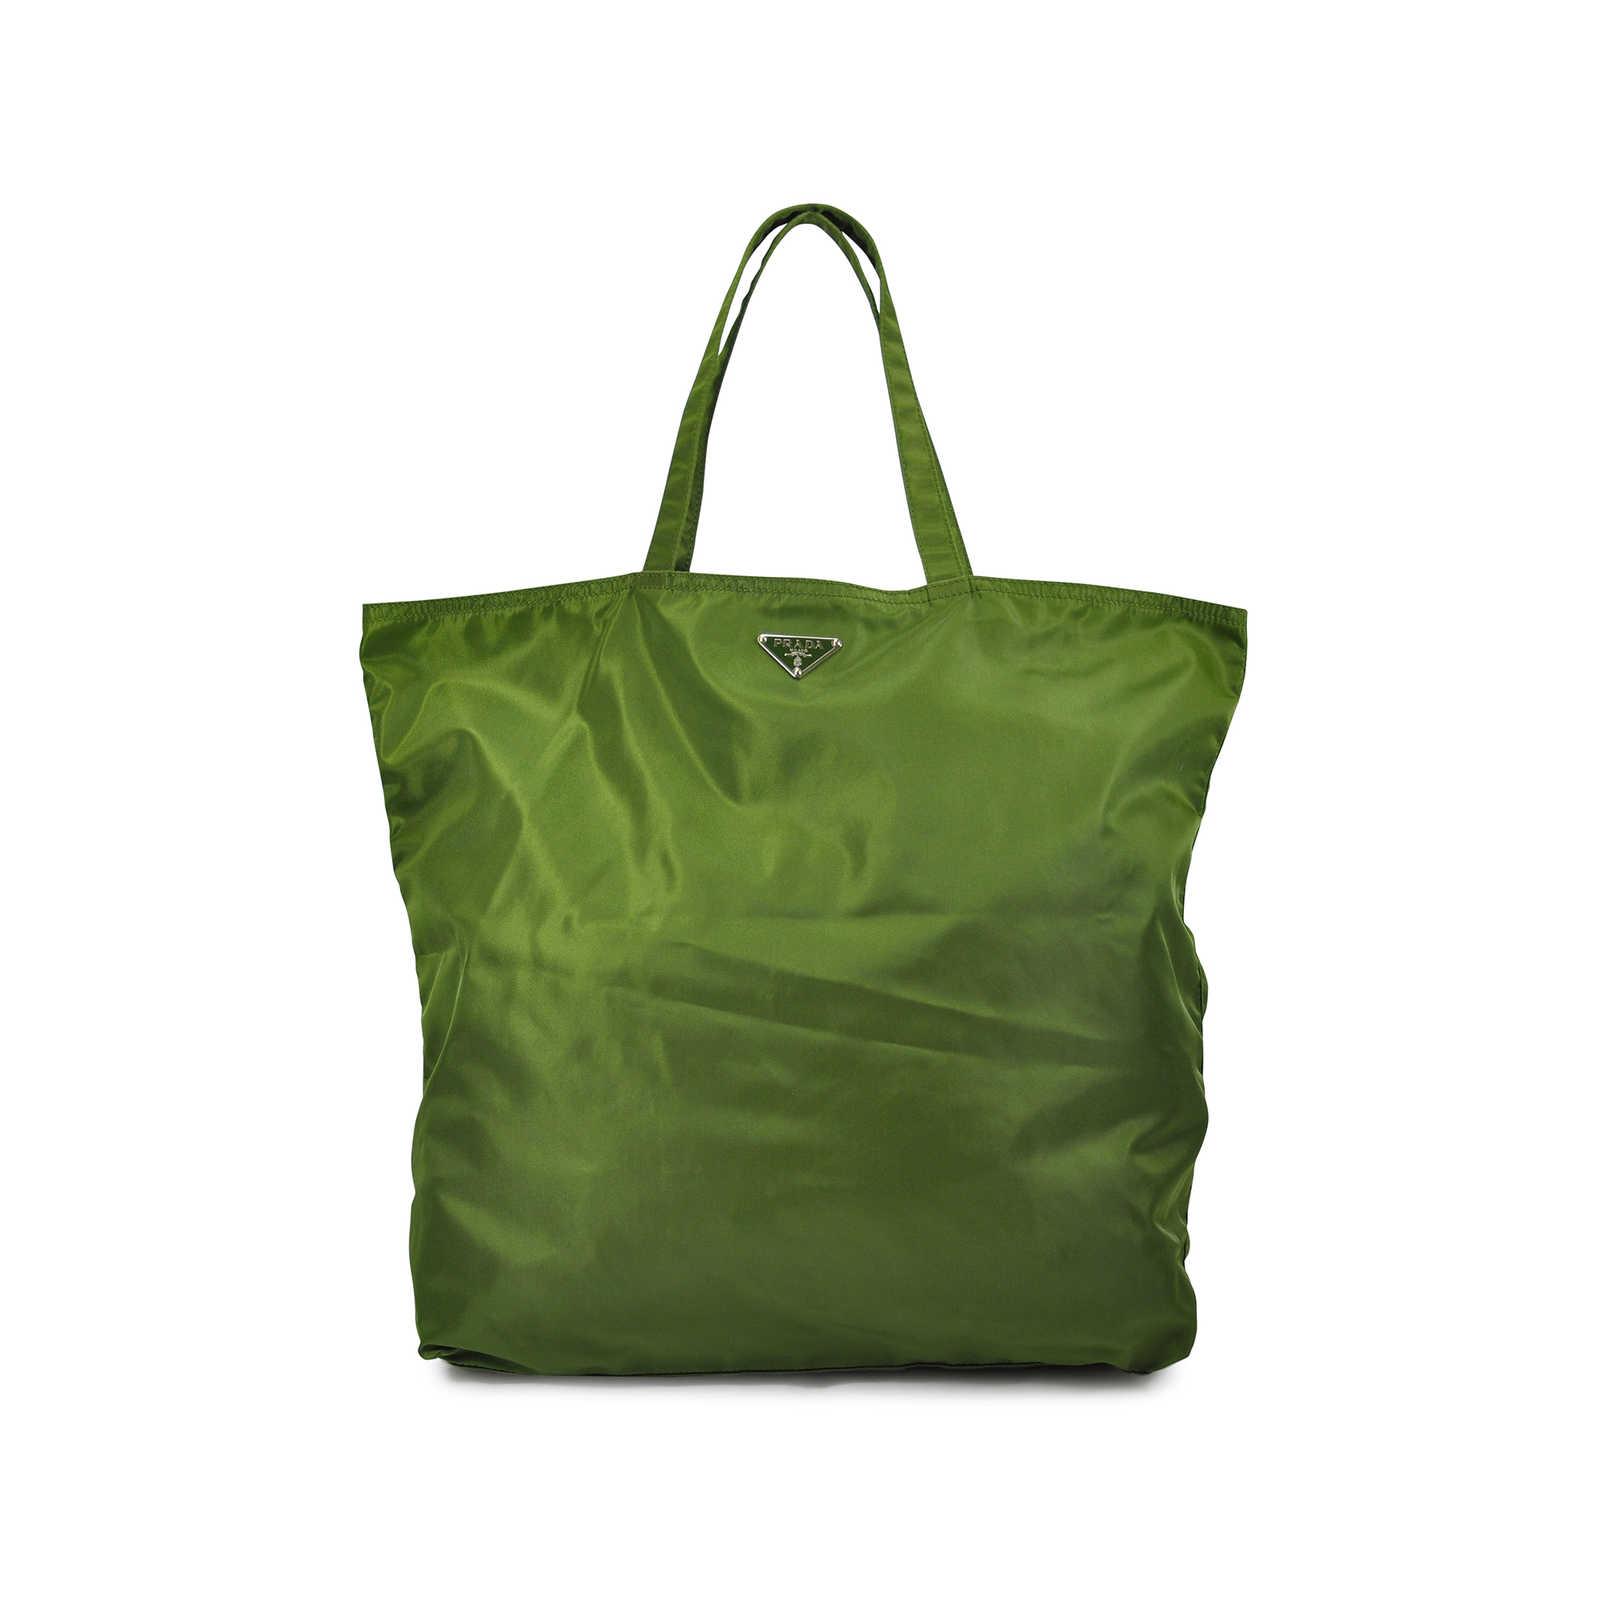 5dd79dc1db99 ... wholesale prada robot bag thumbnail 1 4776a e3fd6